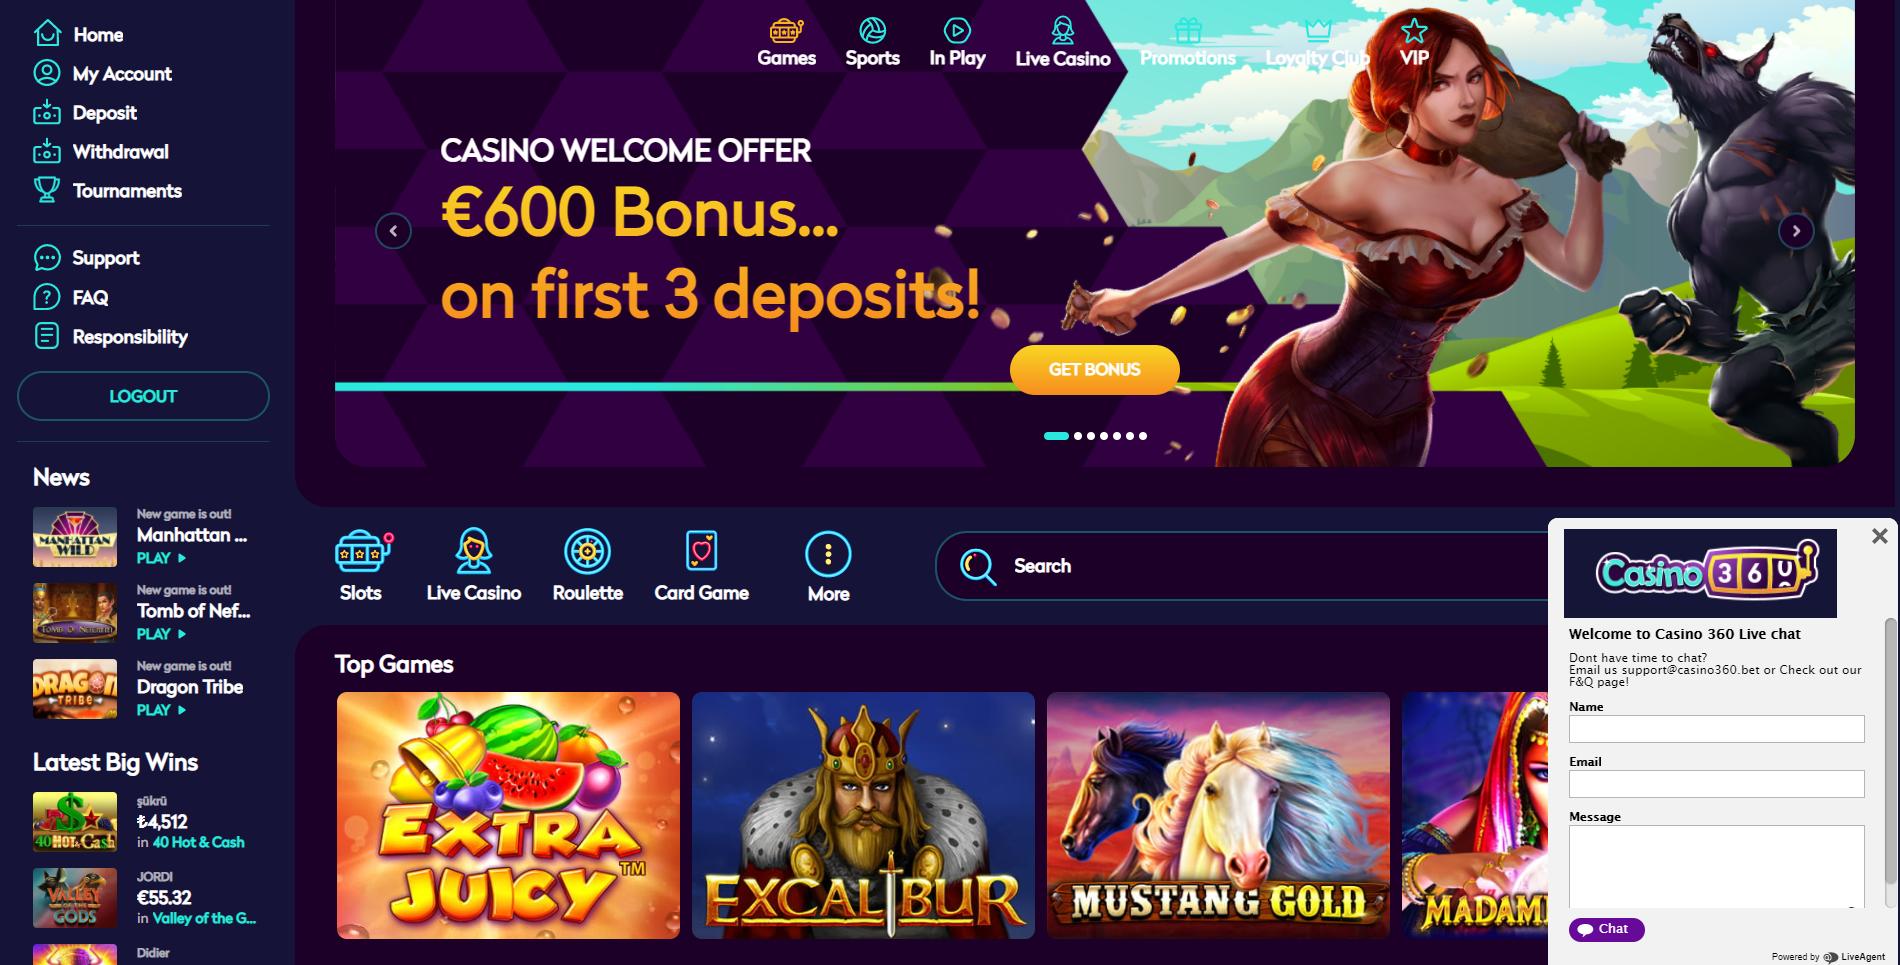 casino360 live chat klientų aptarnavimo centras